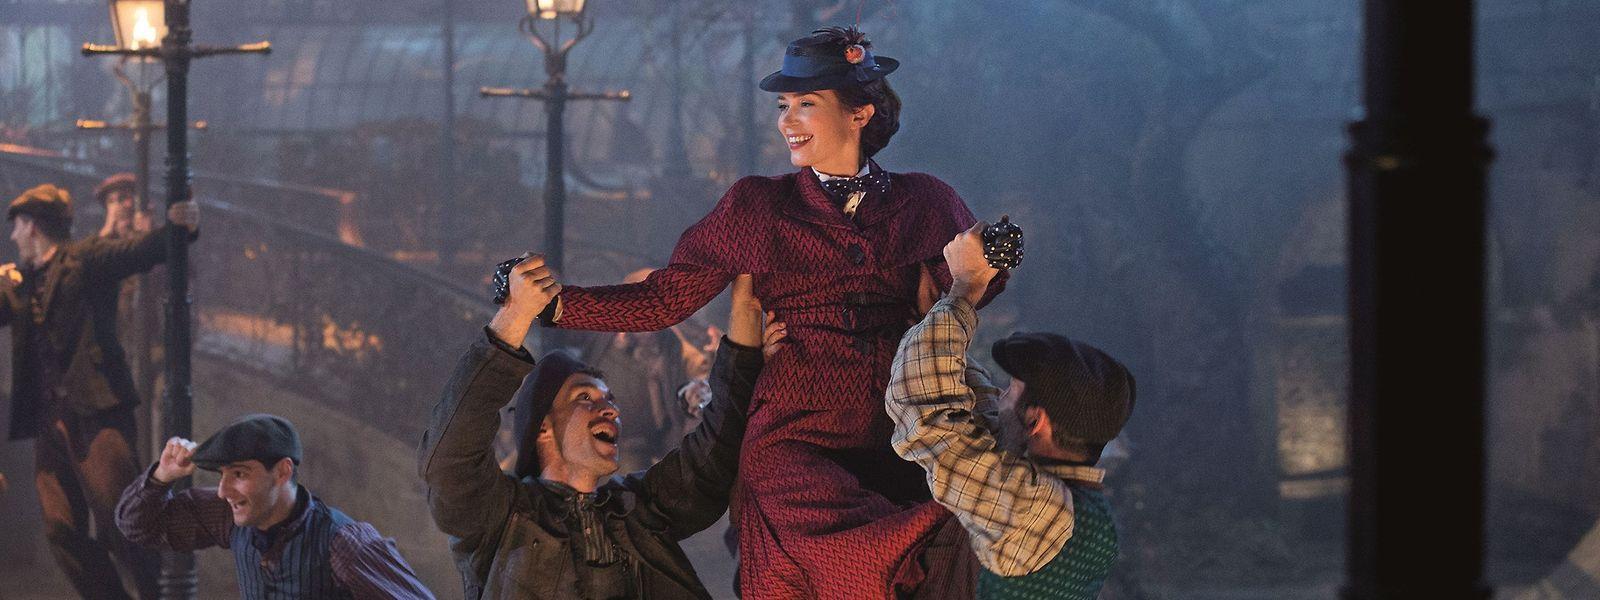 Disneys neue Mary Poppins, Emily Blunt, erobert die Herzen der Londoner Laternenanzünder und Zuschauer im Sturm.